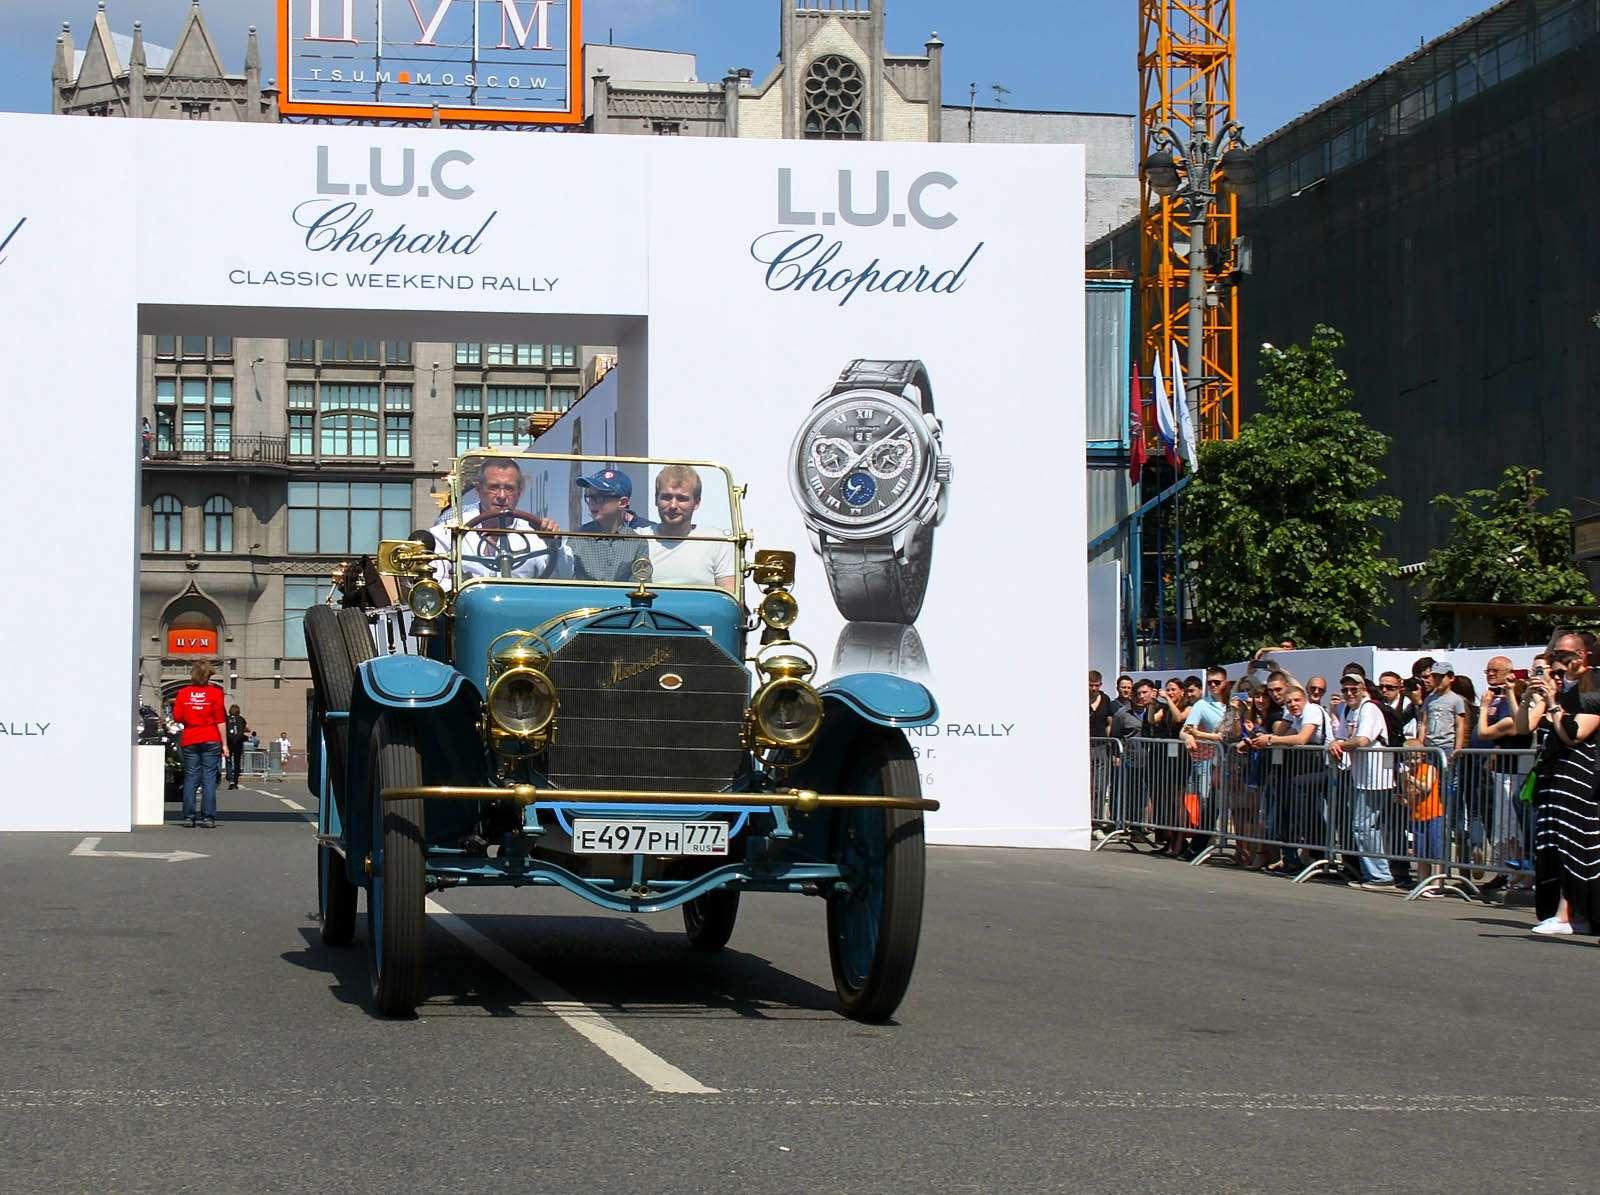 L.U.C Chopard Classic Weekend Rally: эмоции сналетом старины— фото 595985